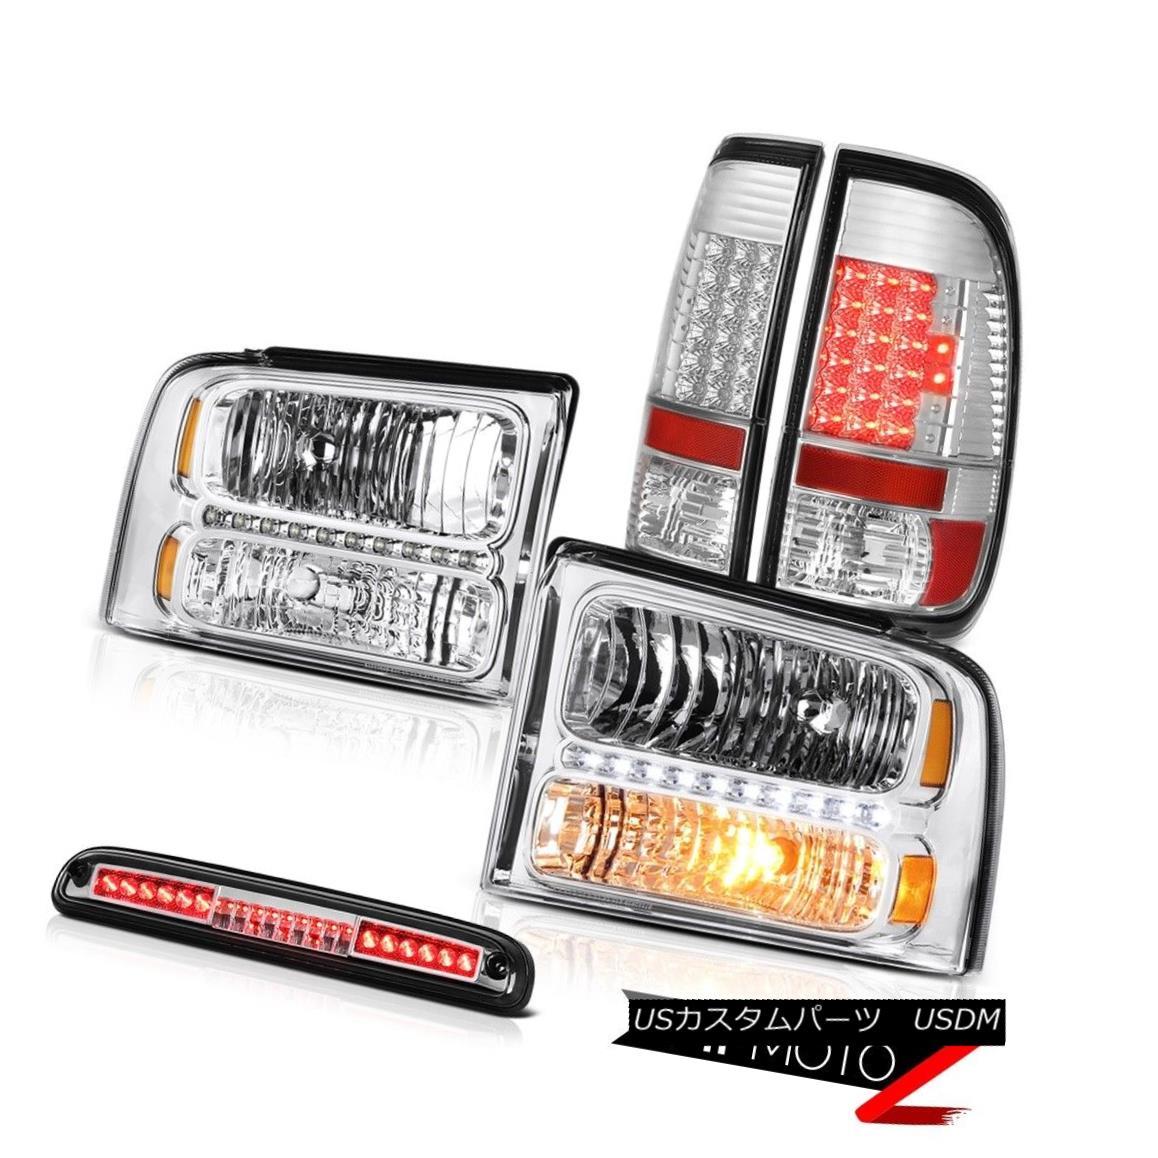 ヘッドライト 2005-2007 F350 5.4L Crystal Clear Headlights LED Tail Lights Roof Stop Chrome 2005-2007 F350 5.4LクリスタルクリアヘッドライトLEDテールライトルーフストップクローム